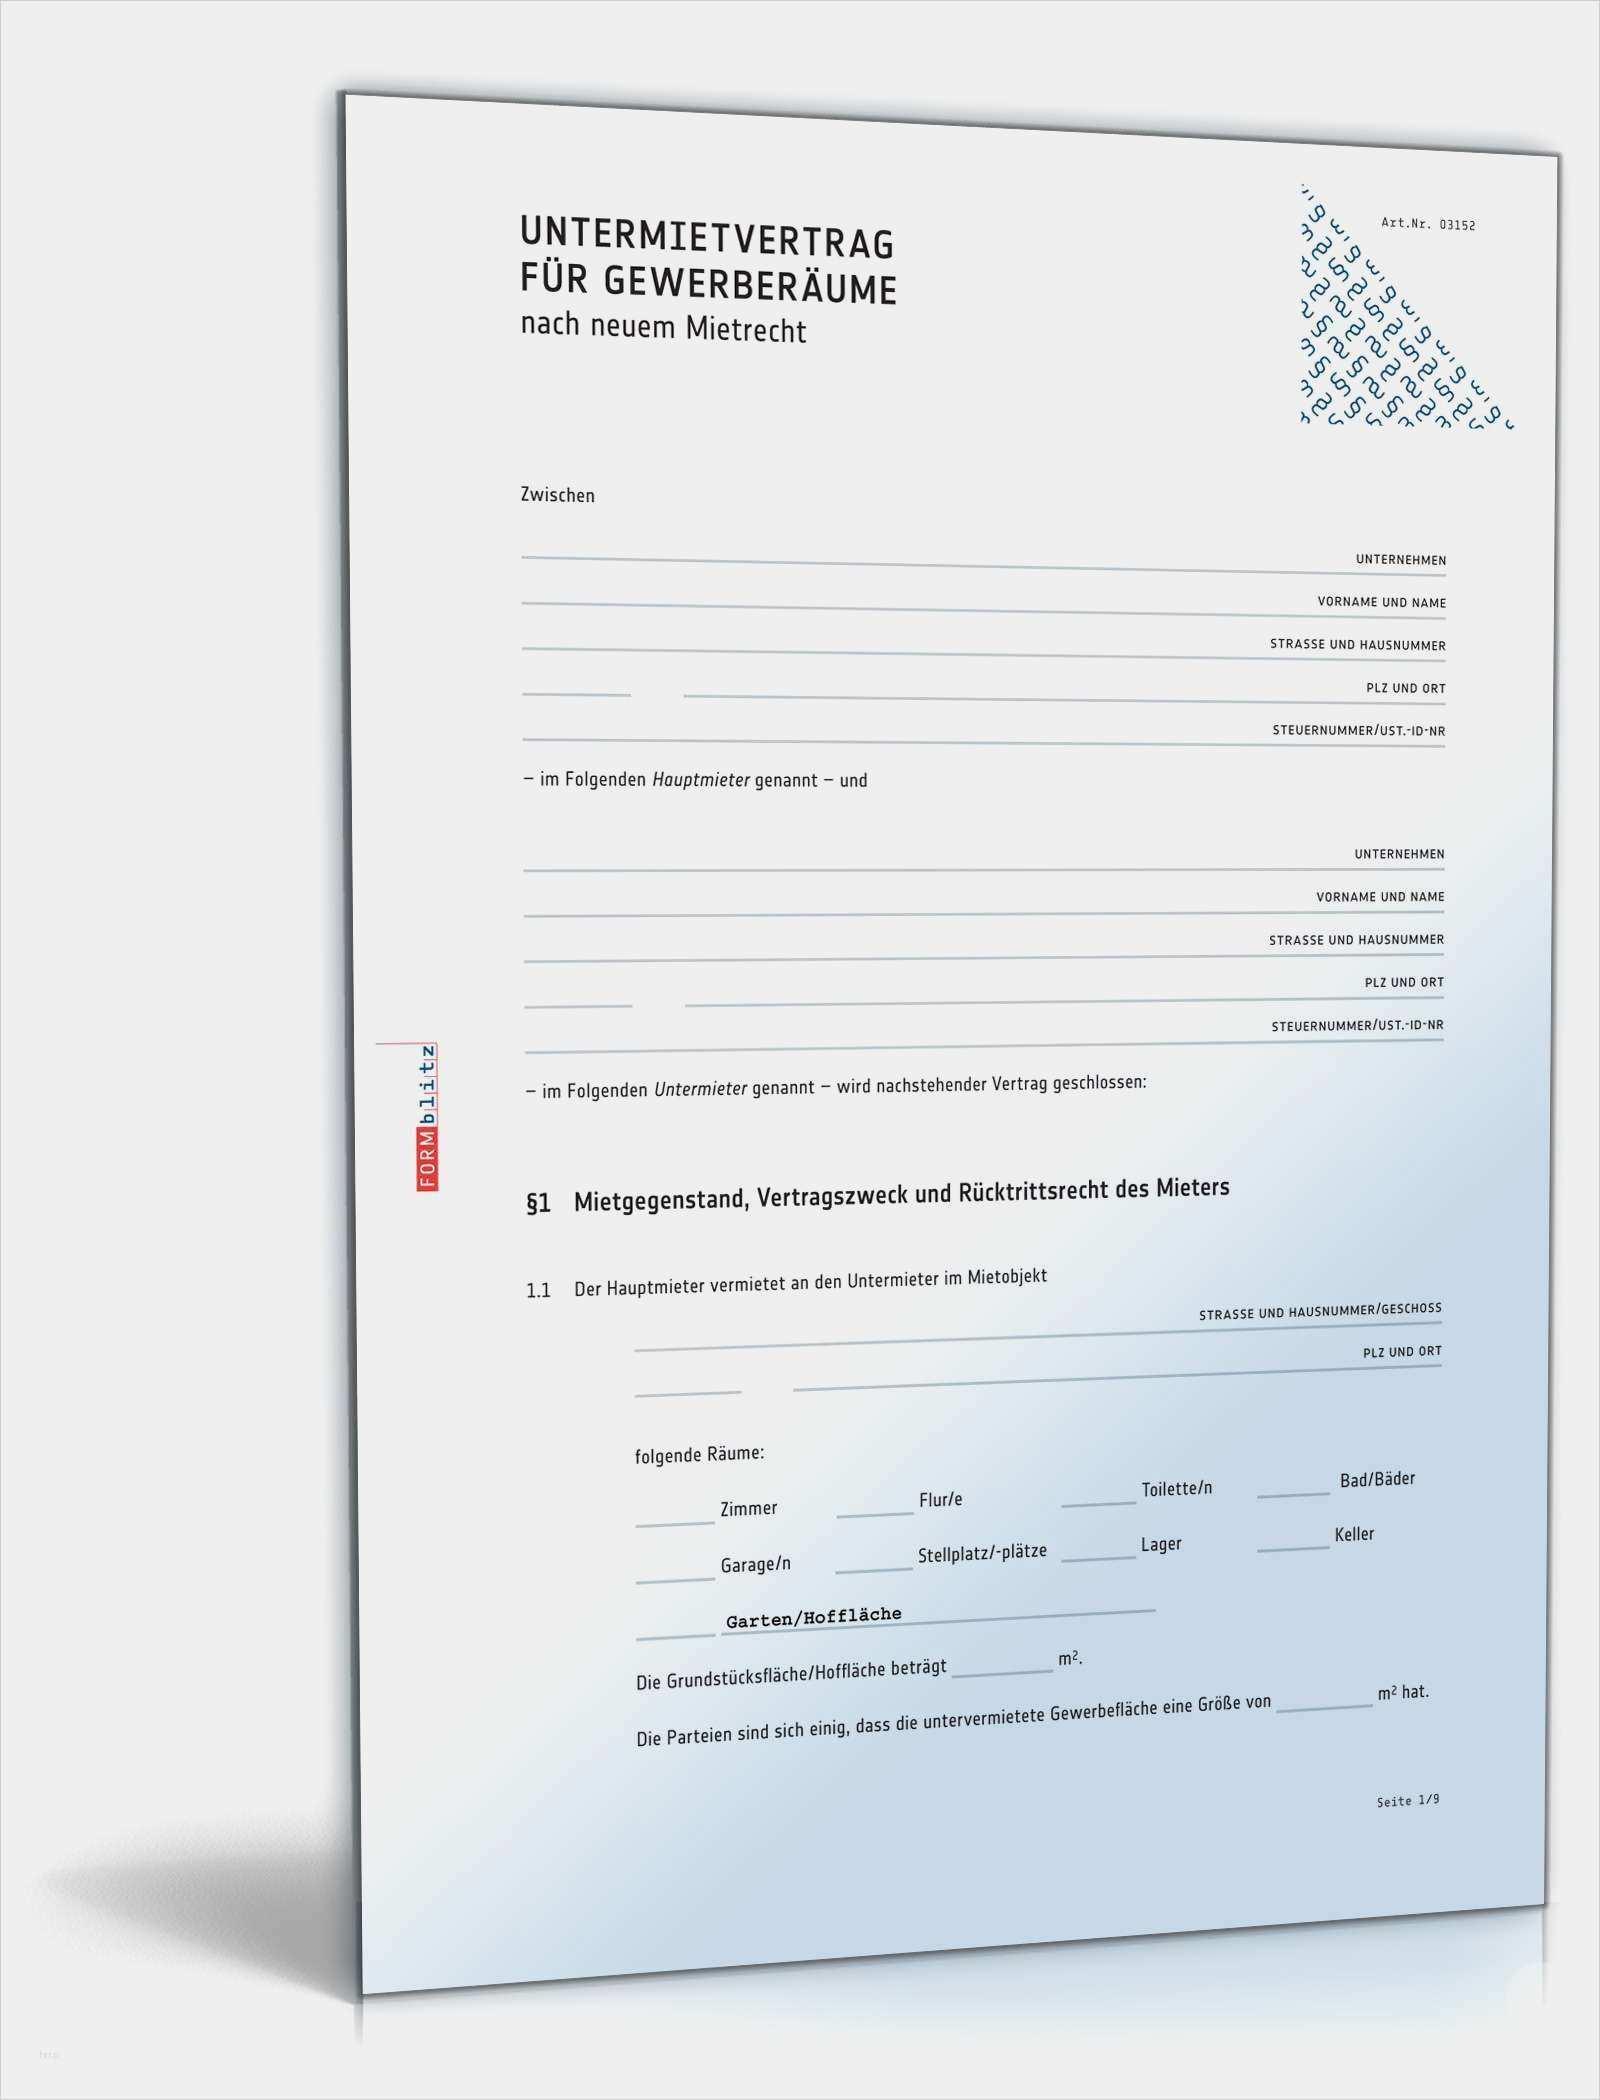 17 Angenehm Untermietvertrag Vorlage Immoscout Foto In 2020 Vorlagen Word Excel Vorlage Rechnung Vorlage